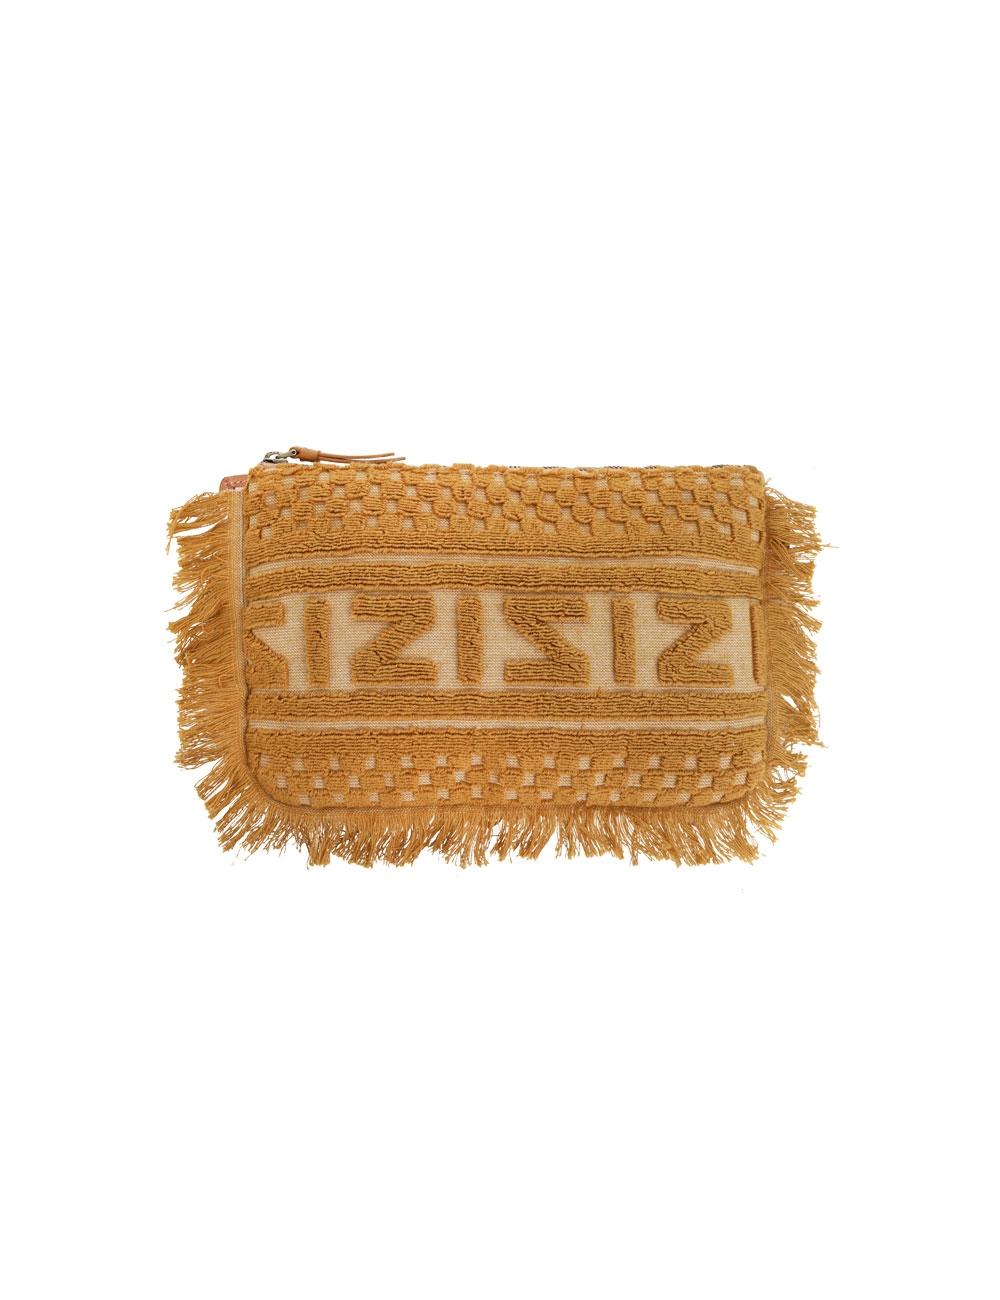 Towel Clutch